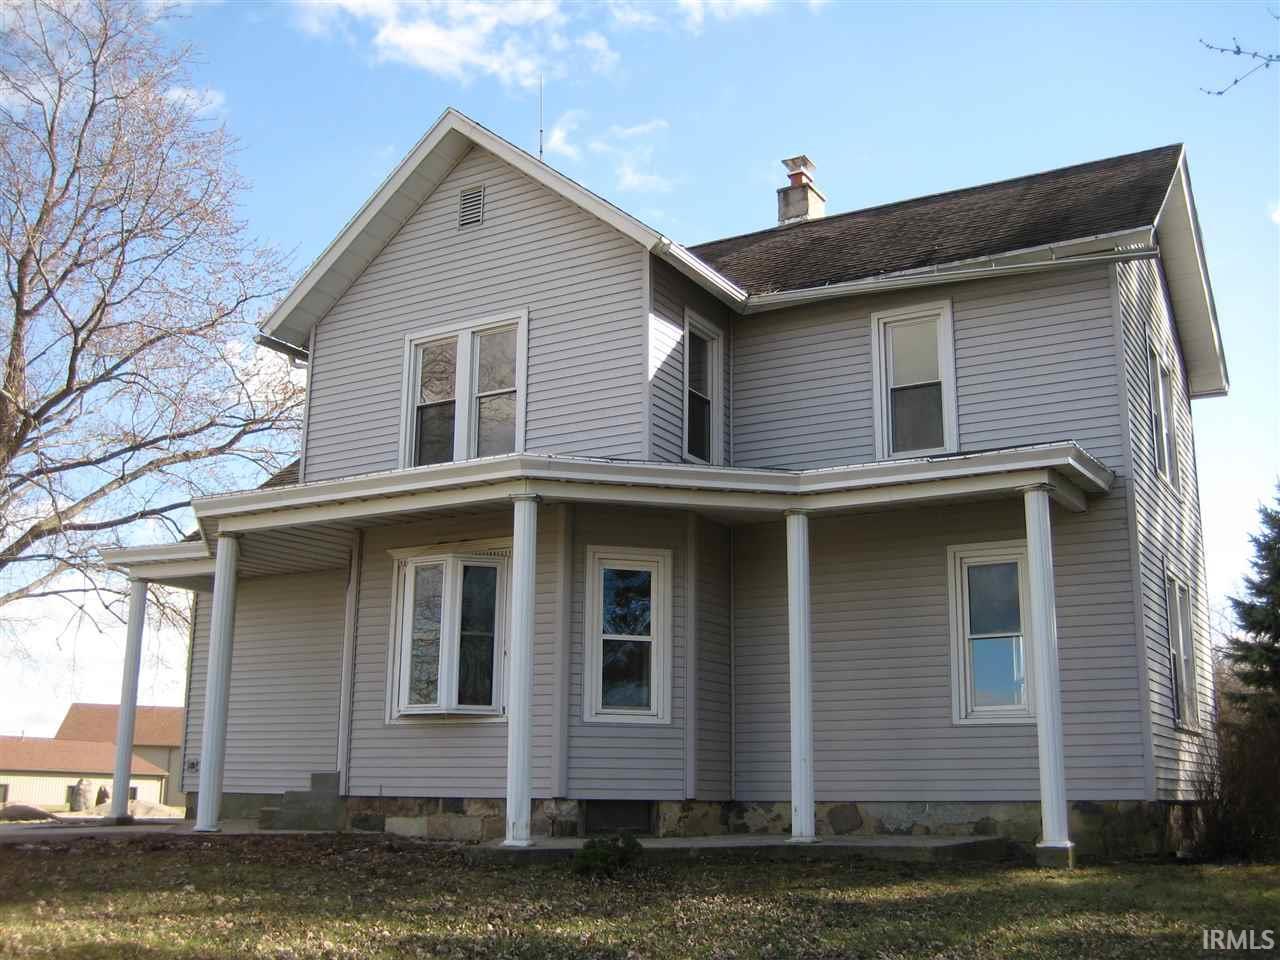 3766 County Road 40a, Auburn, IN 46706